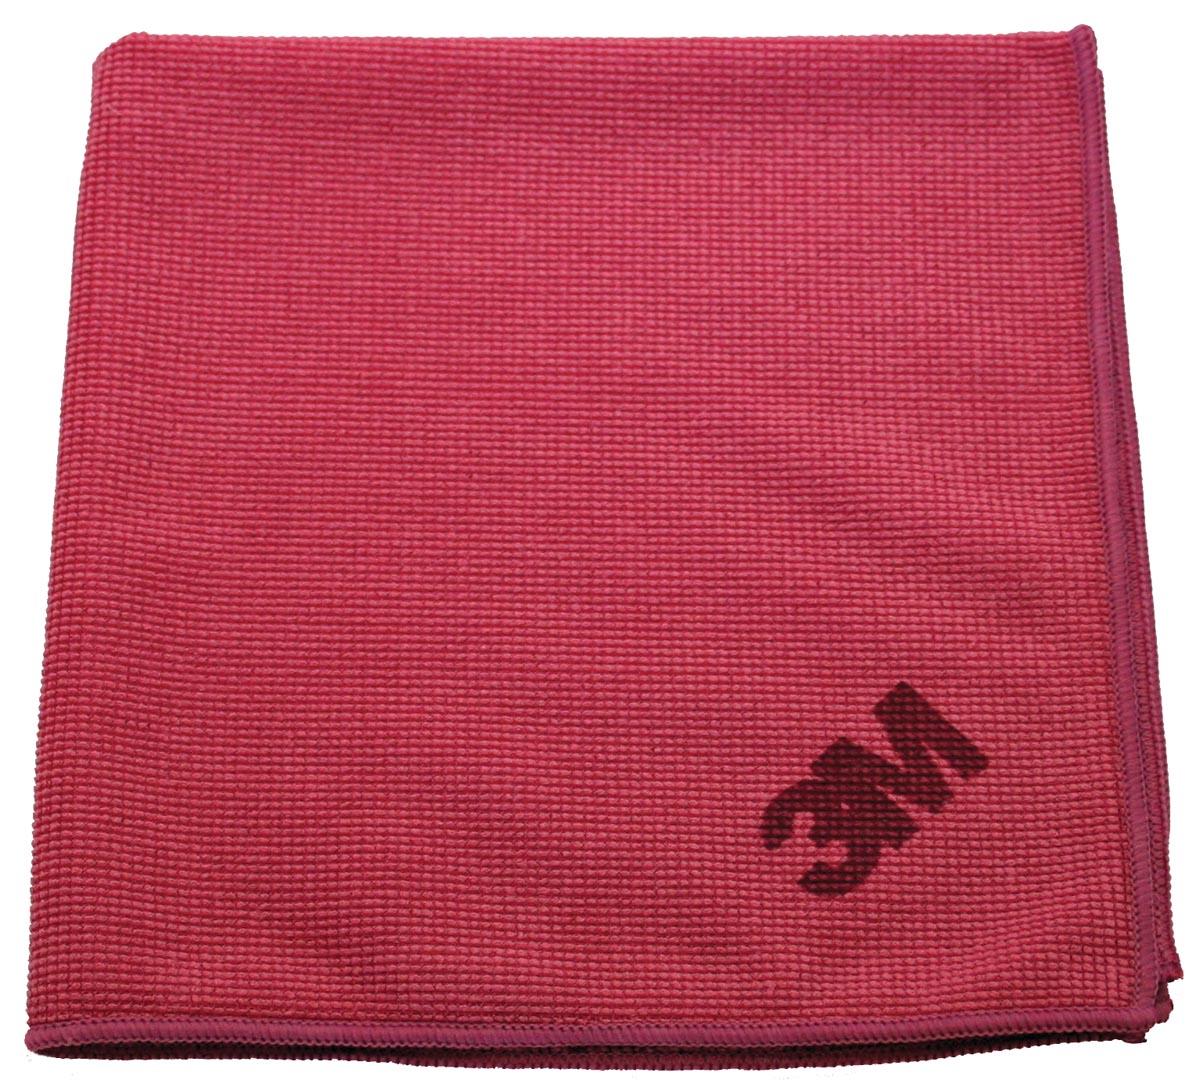 3M microvezeldoek, roze, pak van 10 stuks